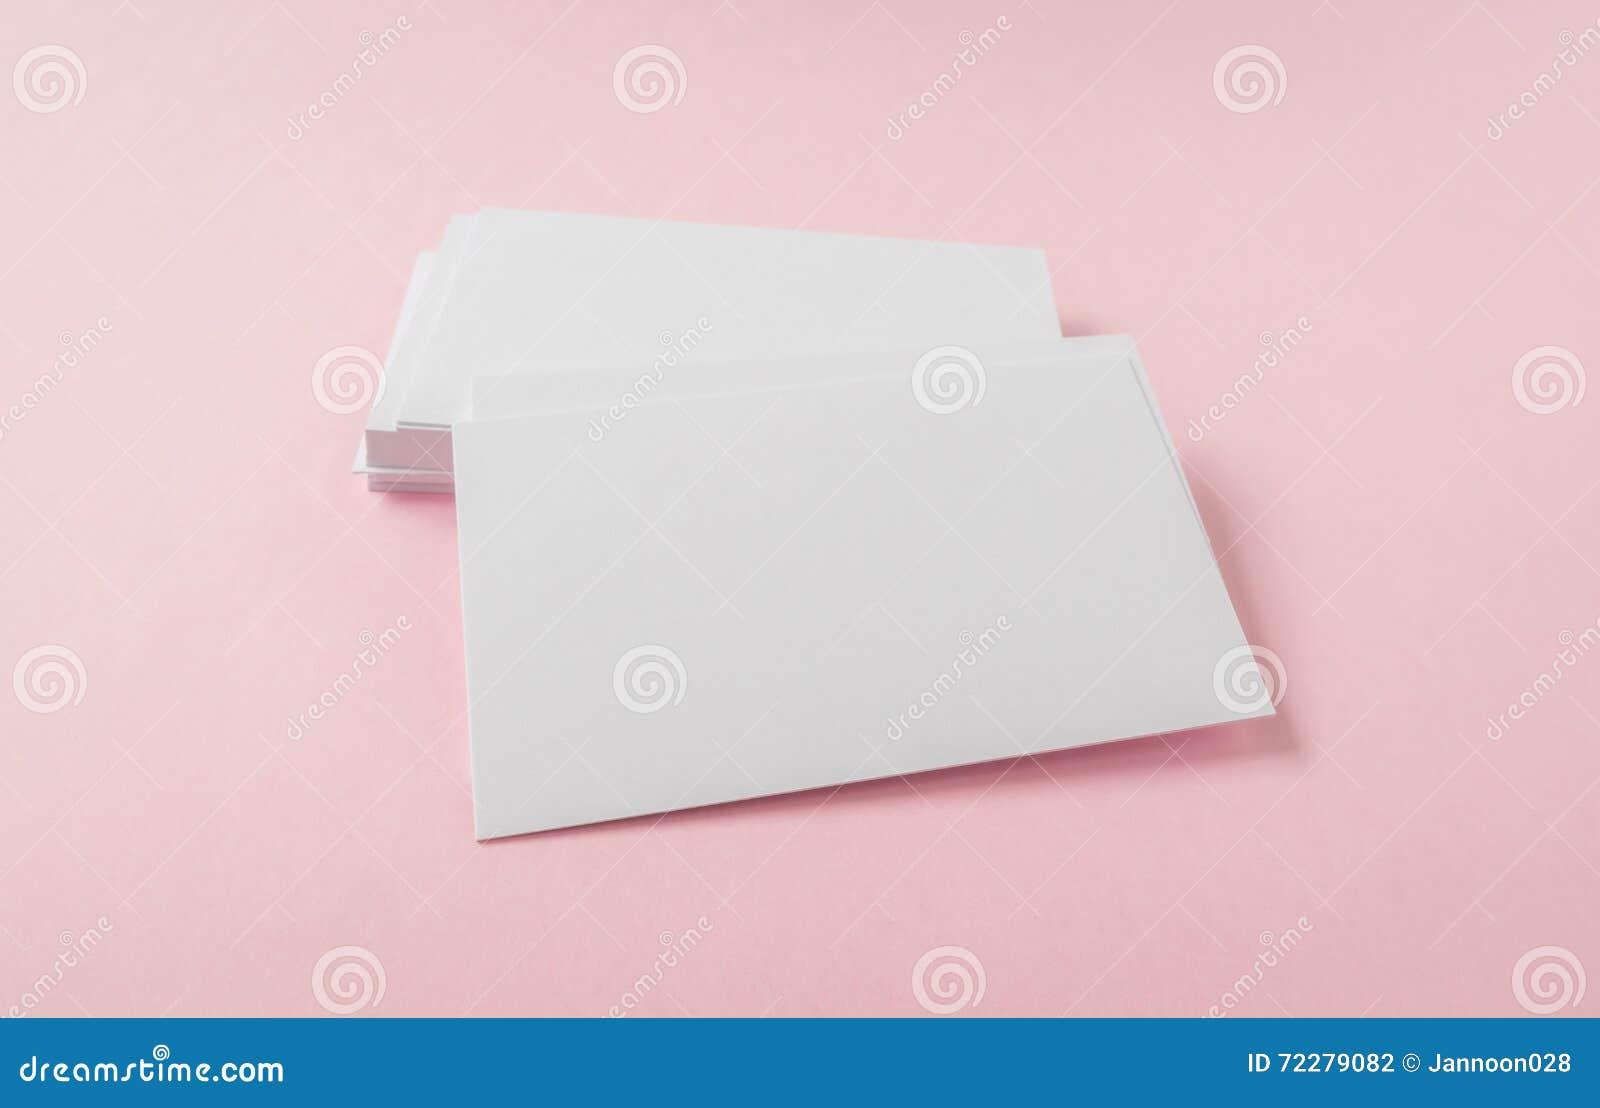 Download Пустая визитная карточка на розовой предпосылке Стоковое Фото - изображение насчитывающей карточка, предмет: 72279082